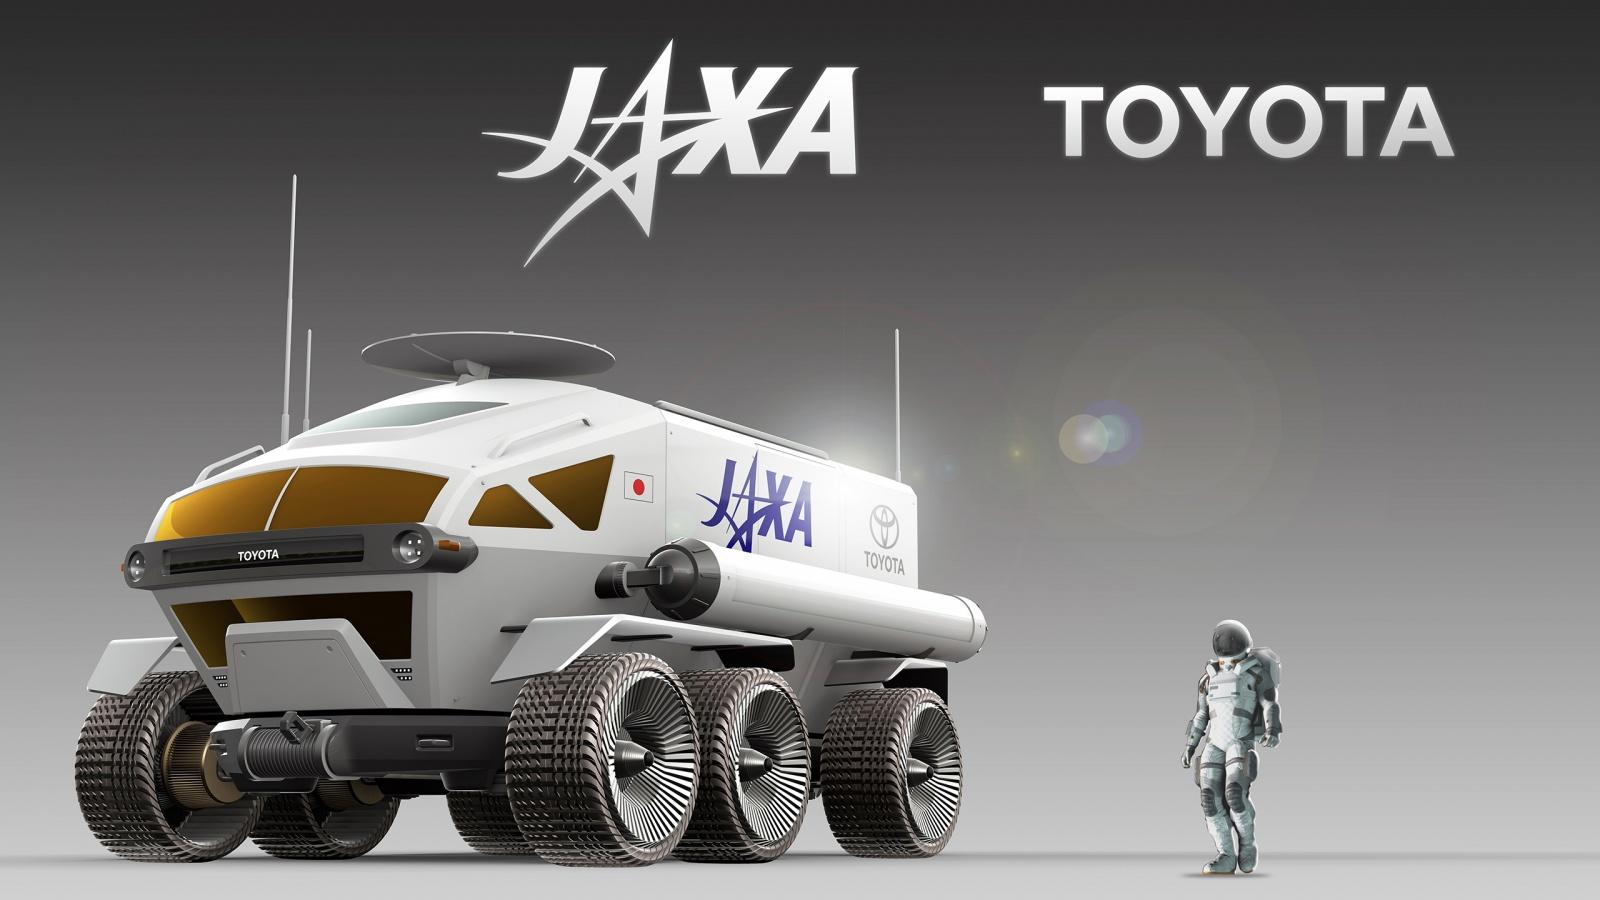 Тойота и JAXA в 2029 году планируют иметь пилотируемый ровер на Луне - 14